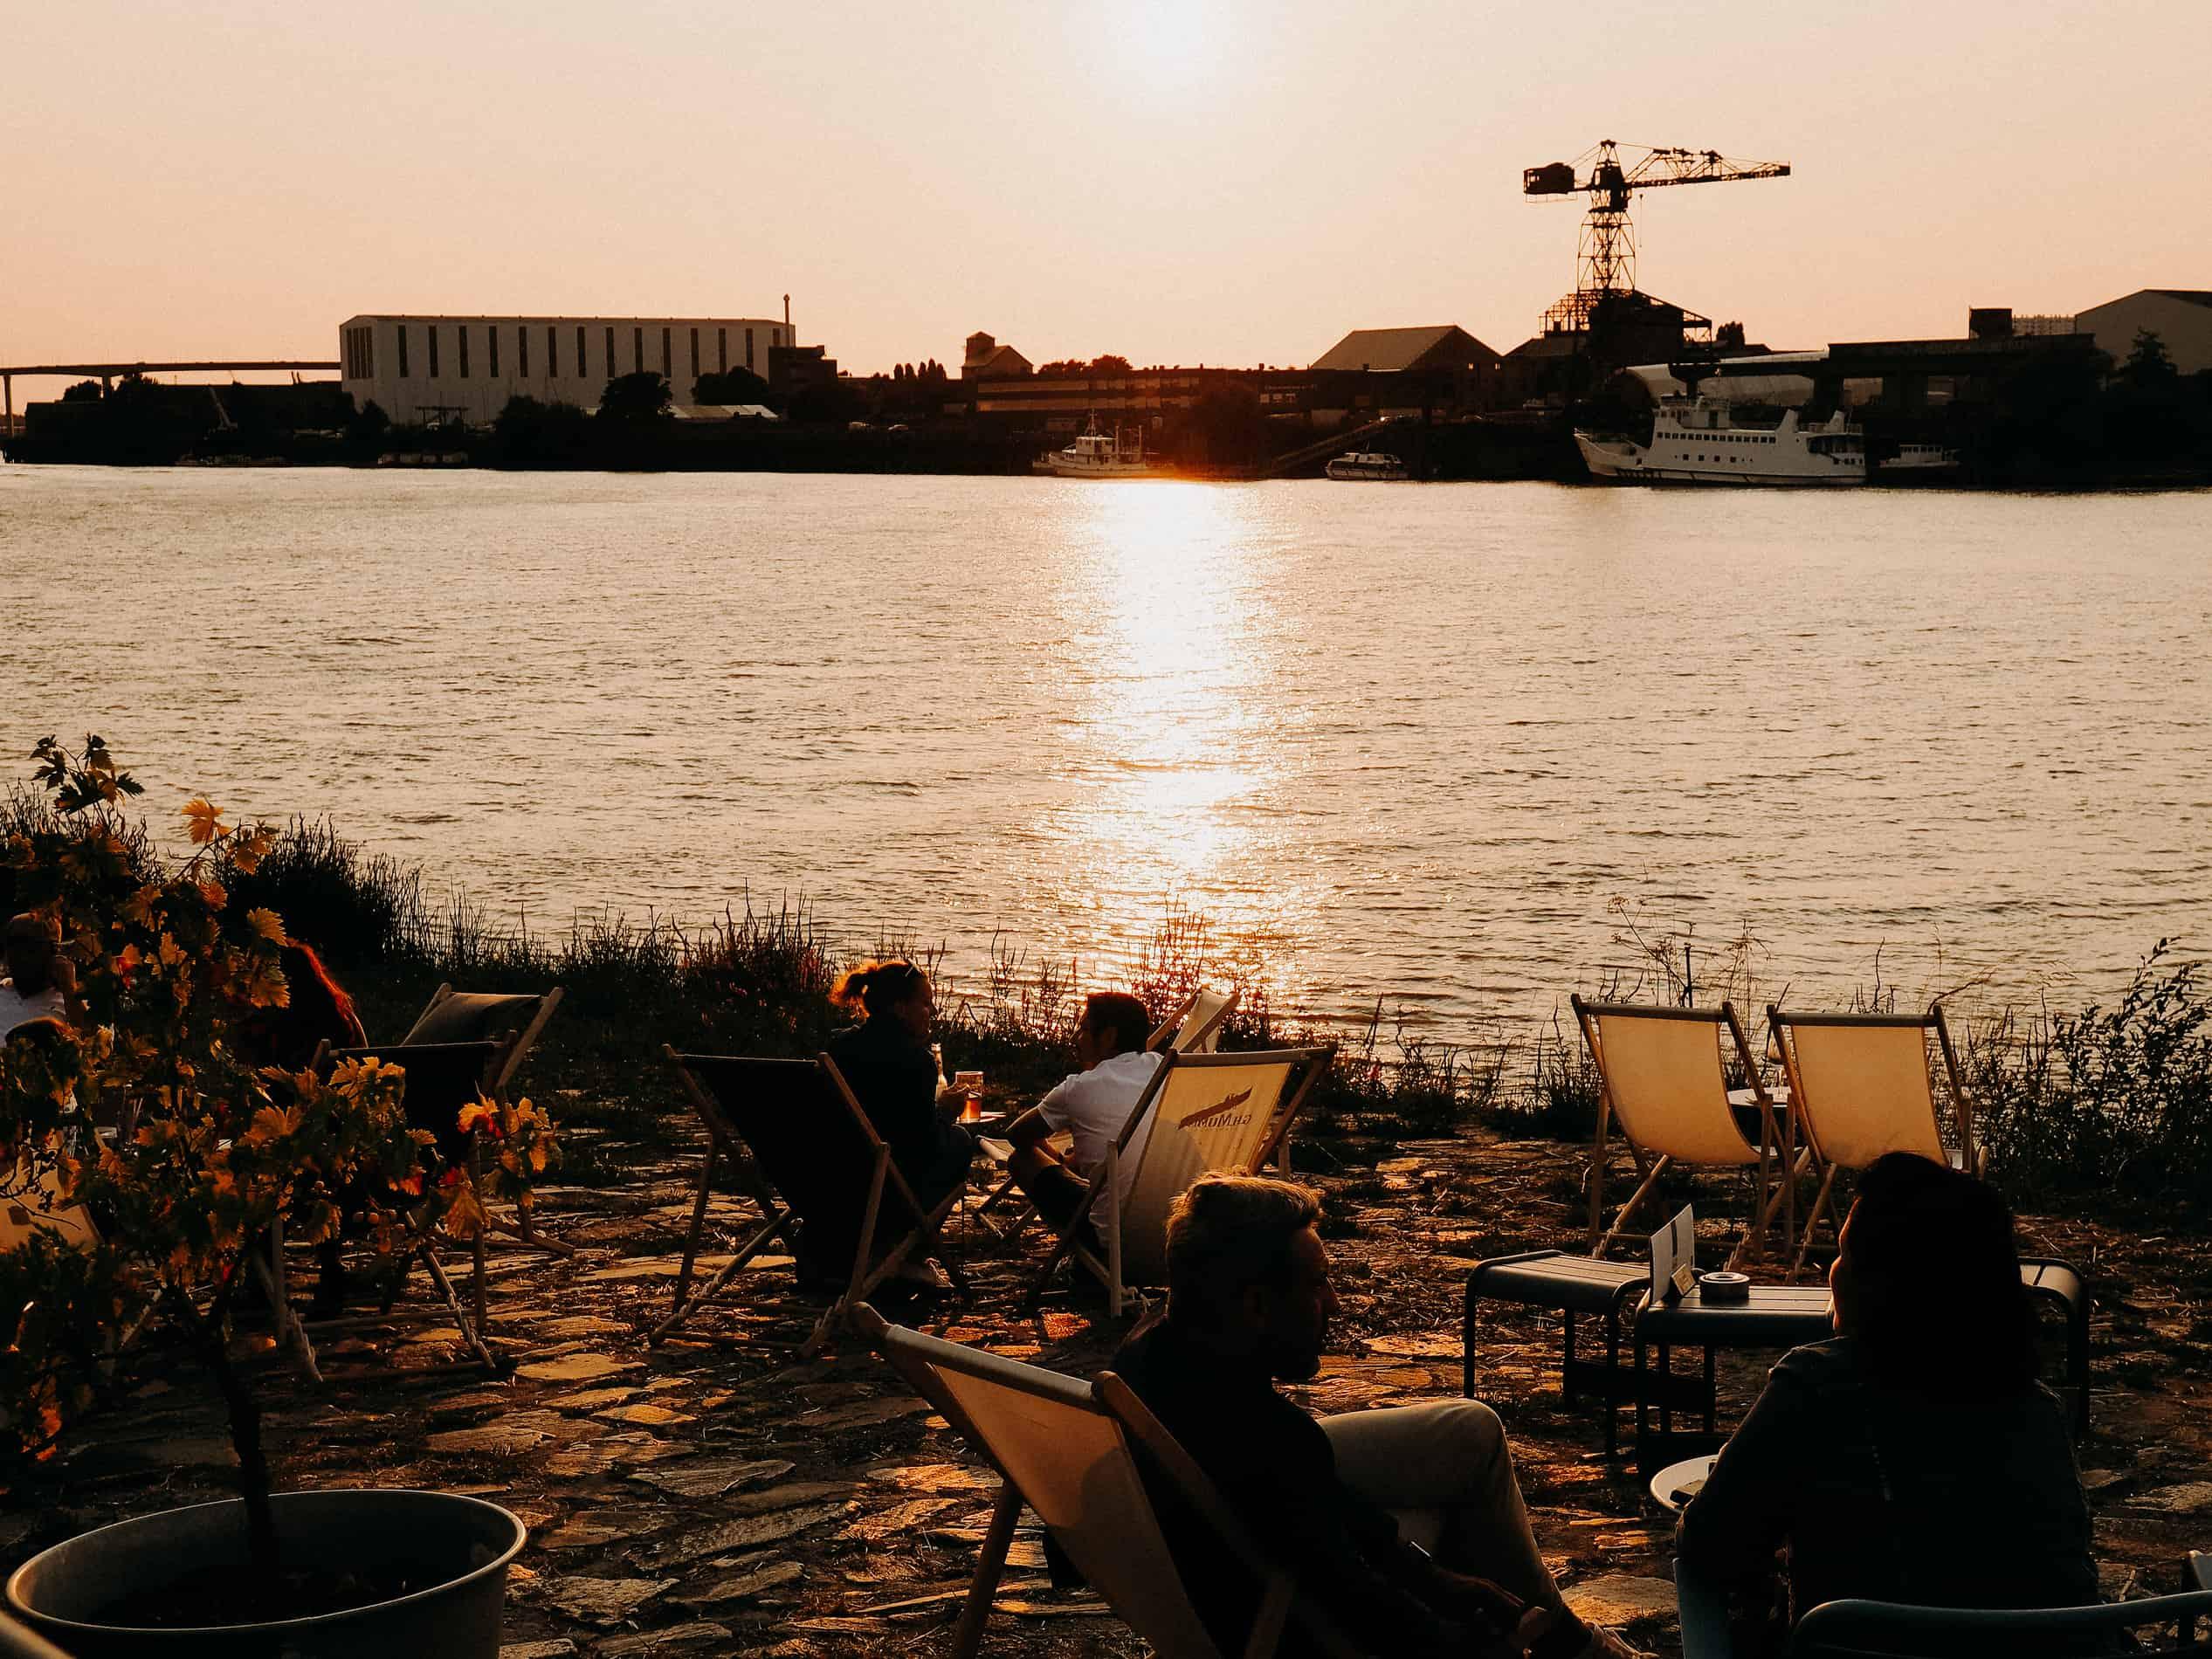 week-end à Nantes cityguide voyage France Trentemoult coucher de soleil